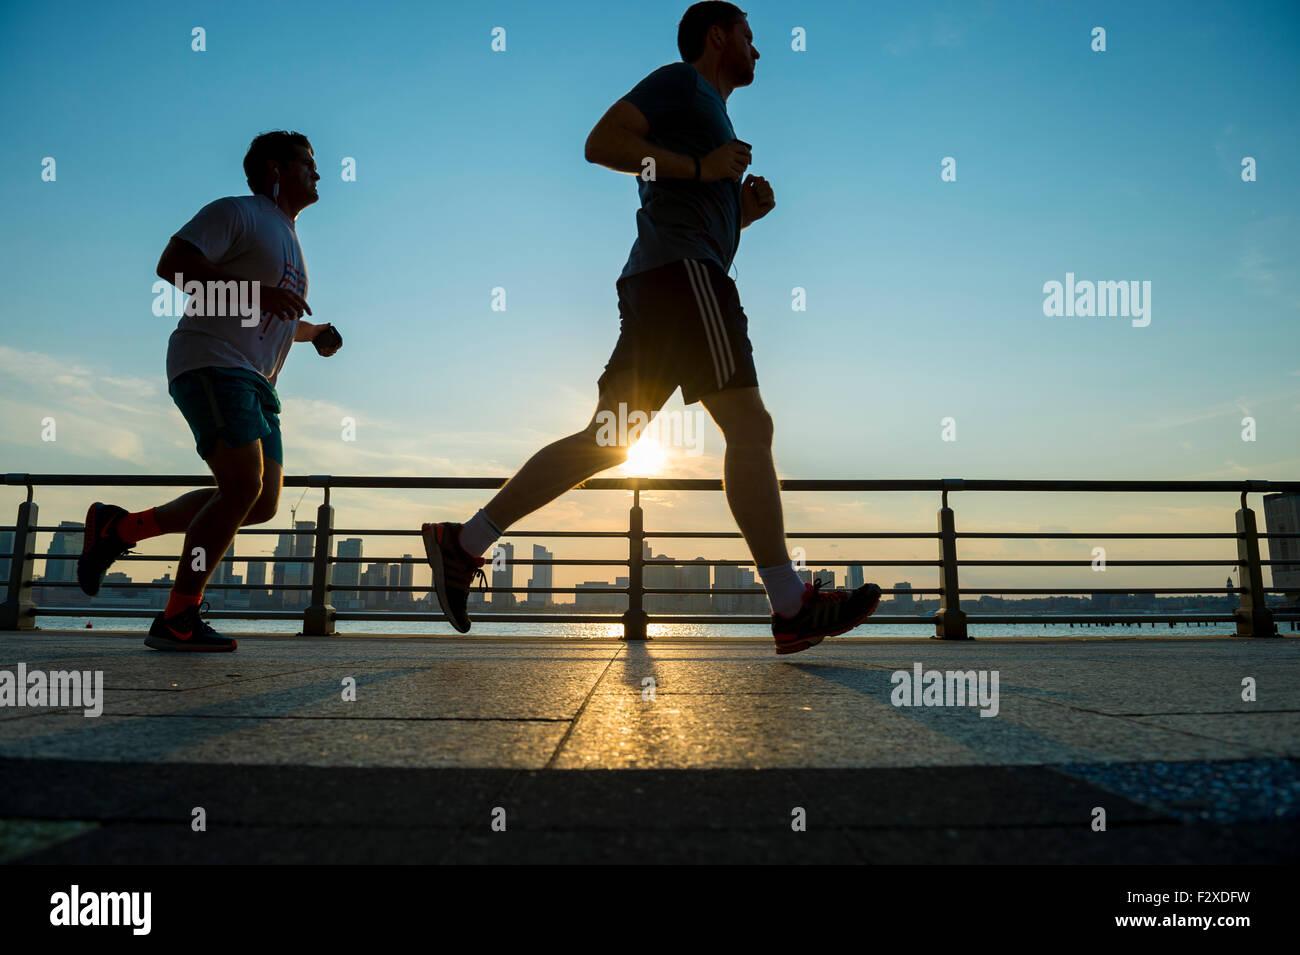 La città di NEW YORK, Stati Uniti d'America - Agosto 15, 2015: sagome di uomini eseguire al tramonto sul Immagini Stock